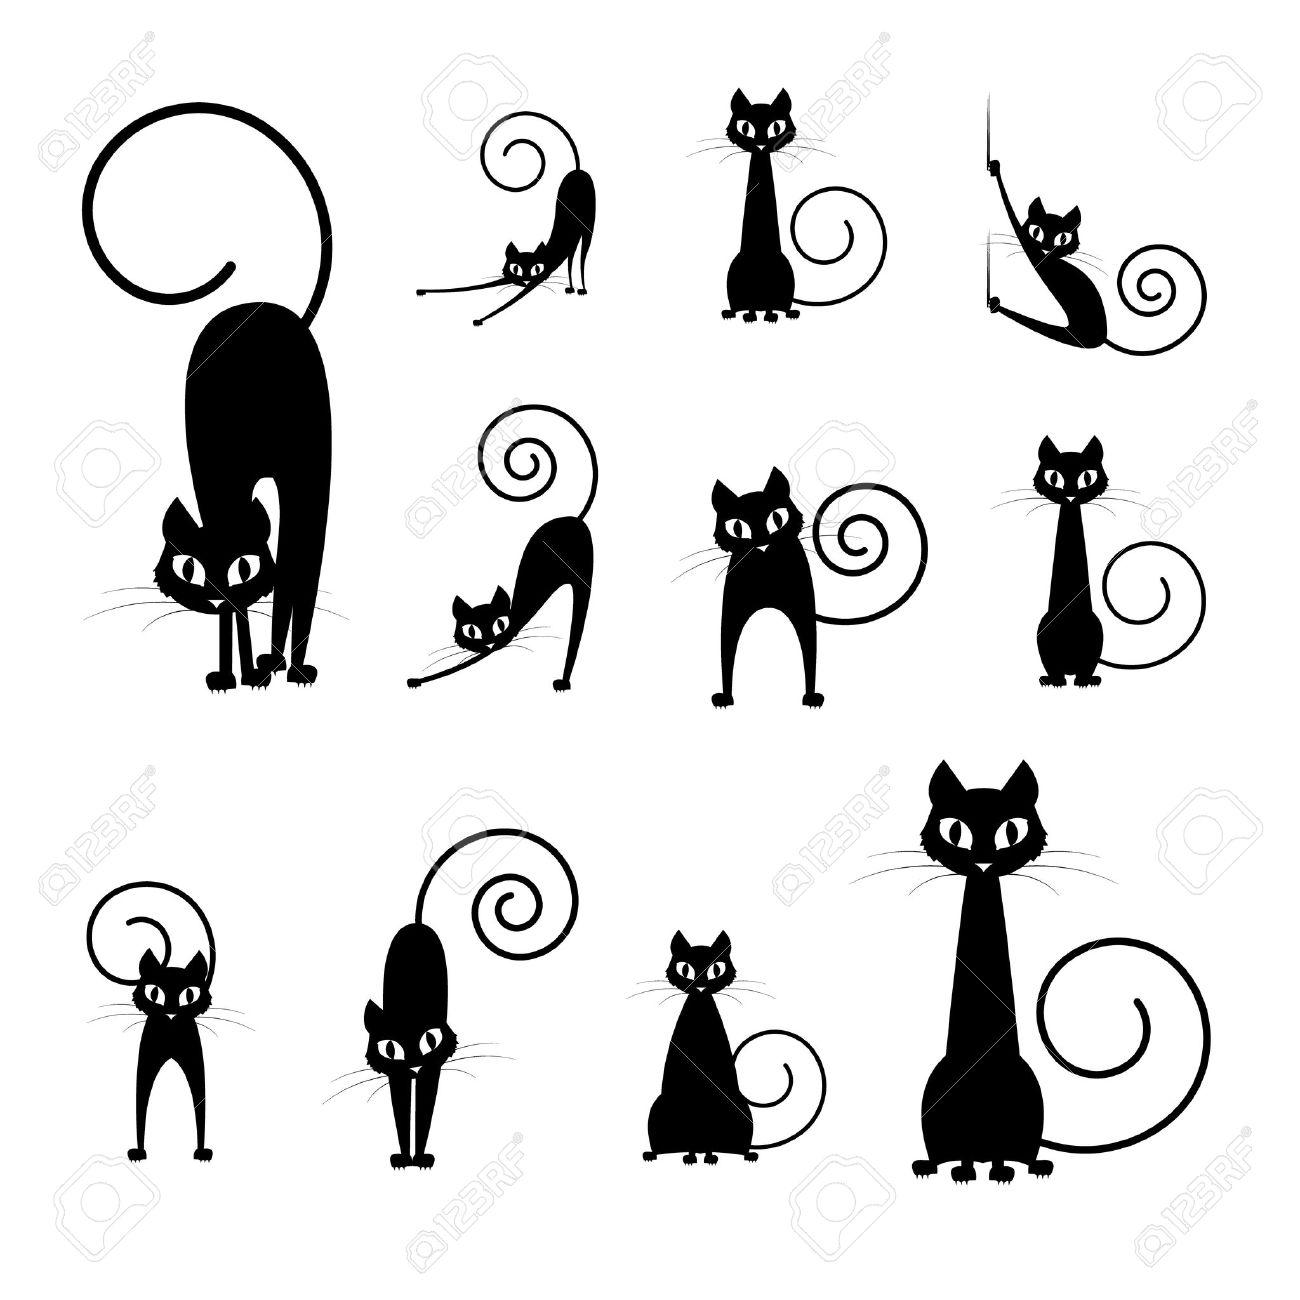 Moderno Página Para Colorear De Gato De Halloween Imágenes - Dibujos ...